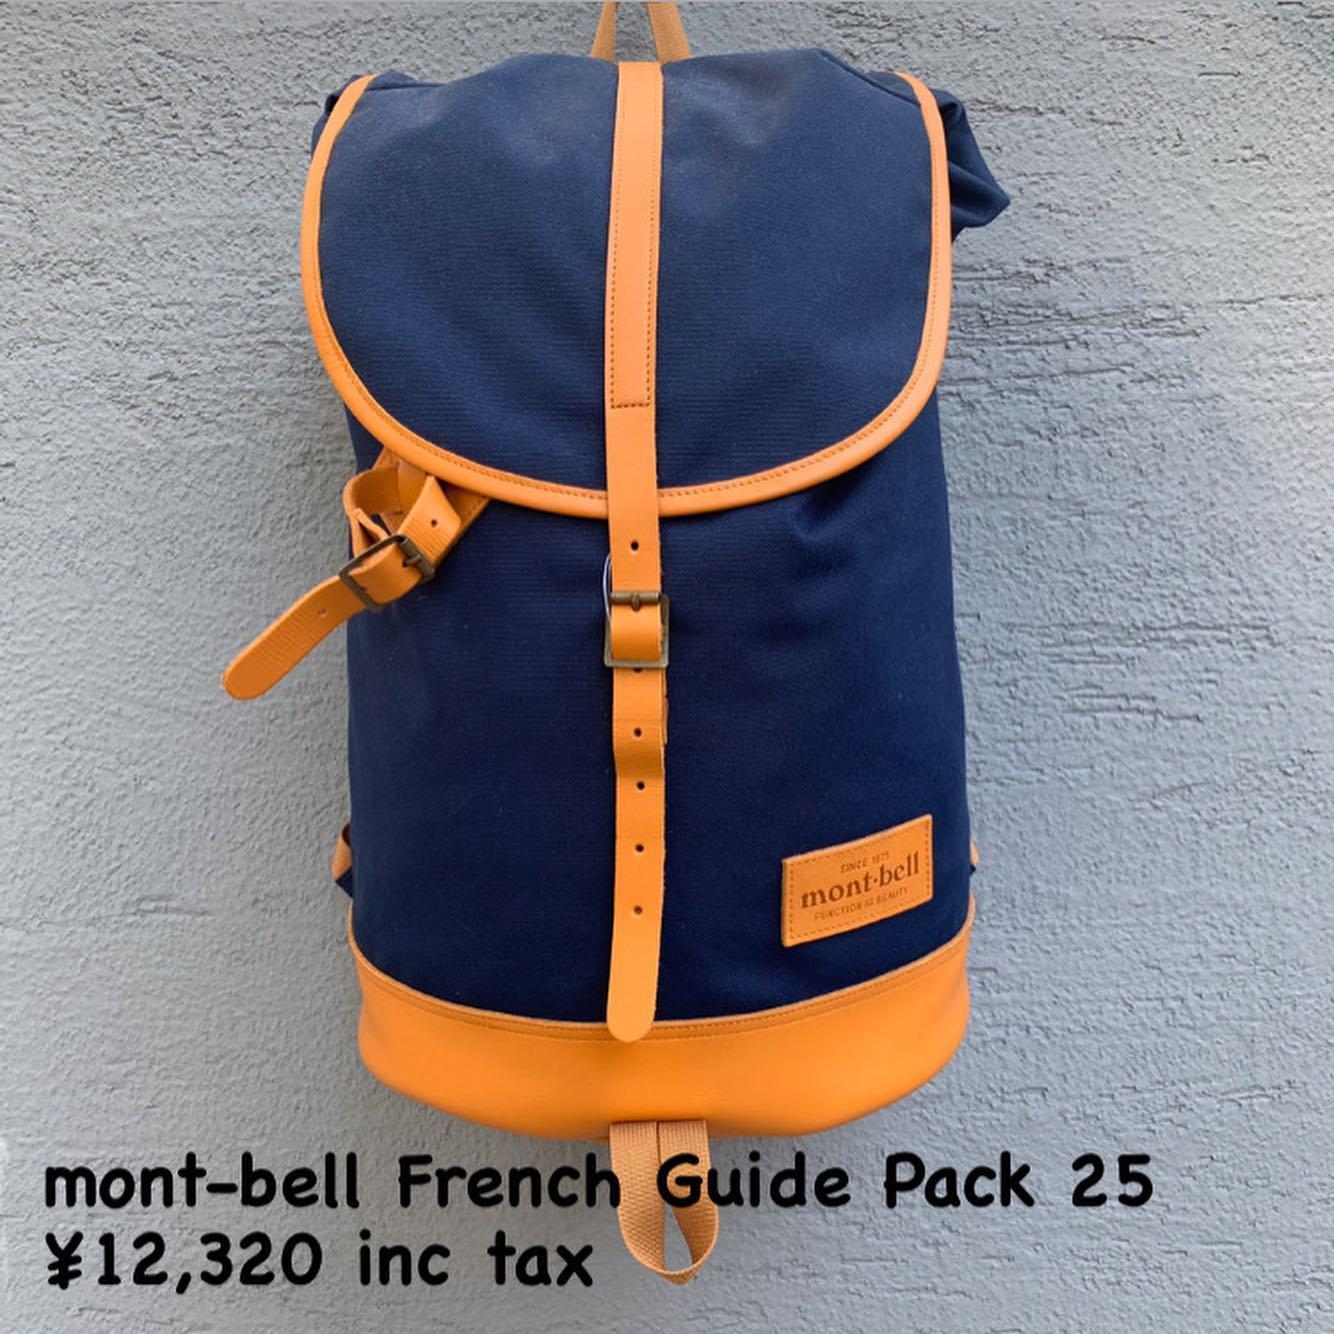 クラシカルな表情を持ち、高い強度と耐久性を備えたデイパック『mont-bell フレンチガイドパック25』のご紹介